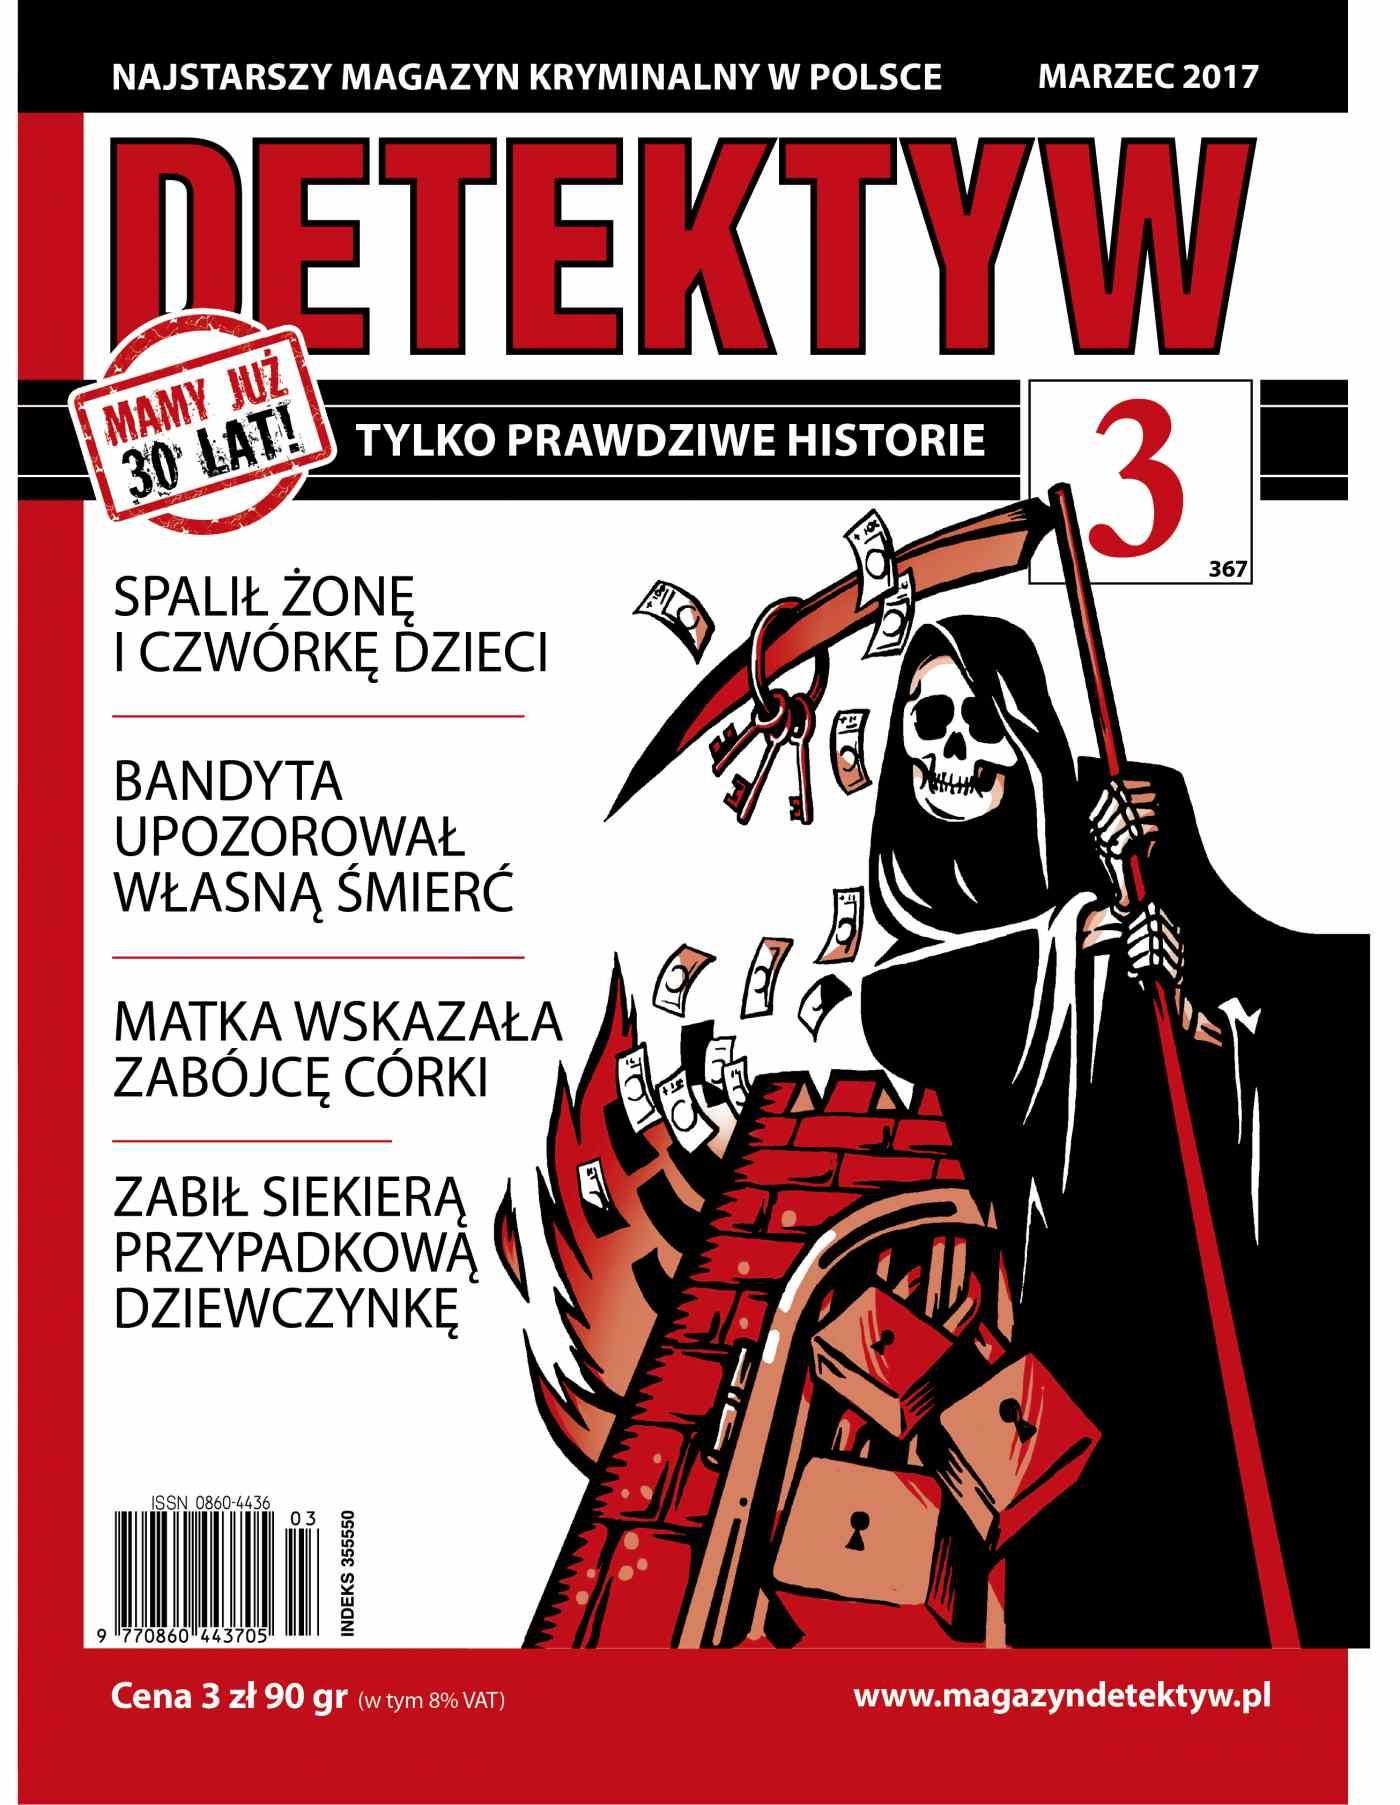 Detektyw 3/2017 - Ebook (Książka EPUB) do pobrania w formacie EPUB